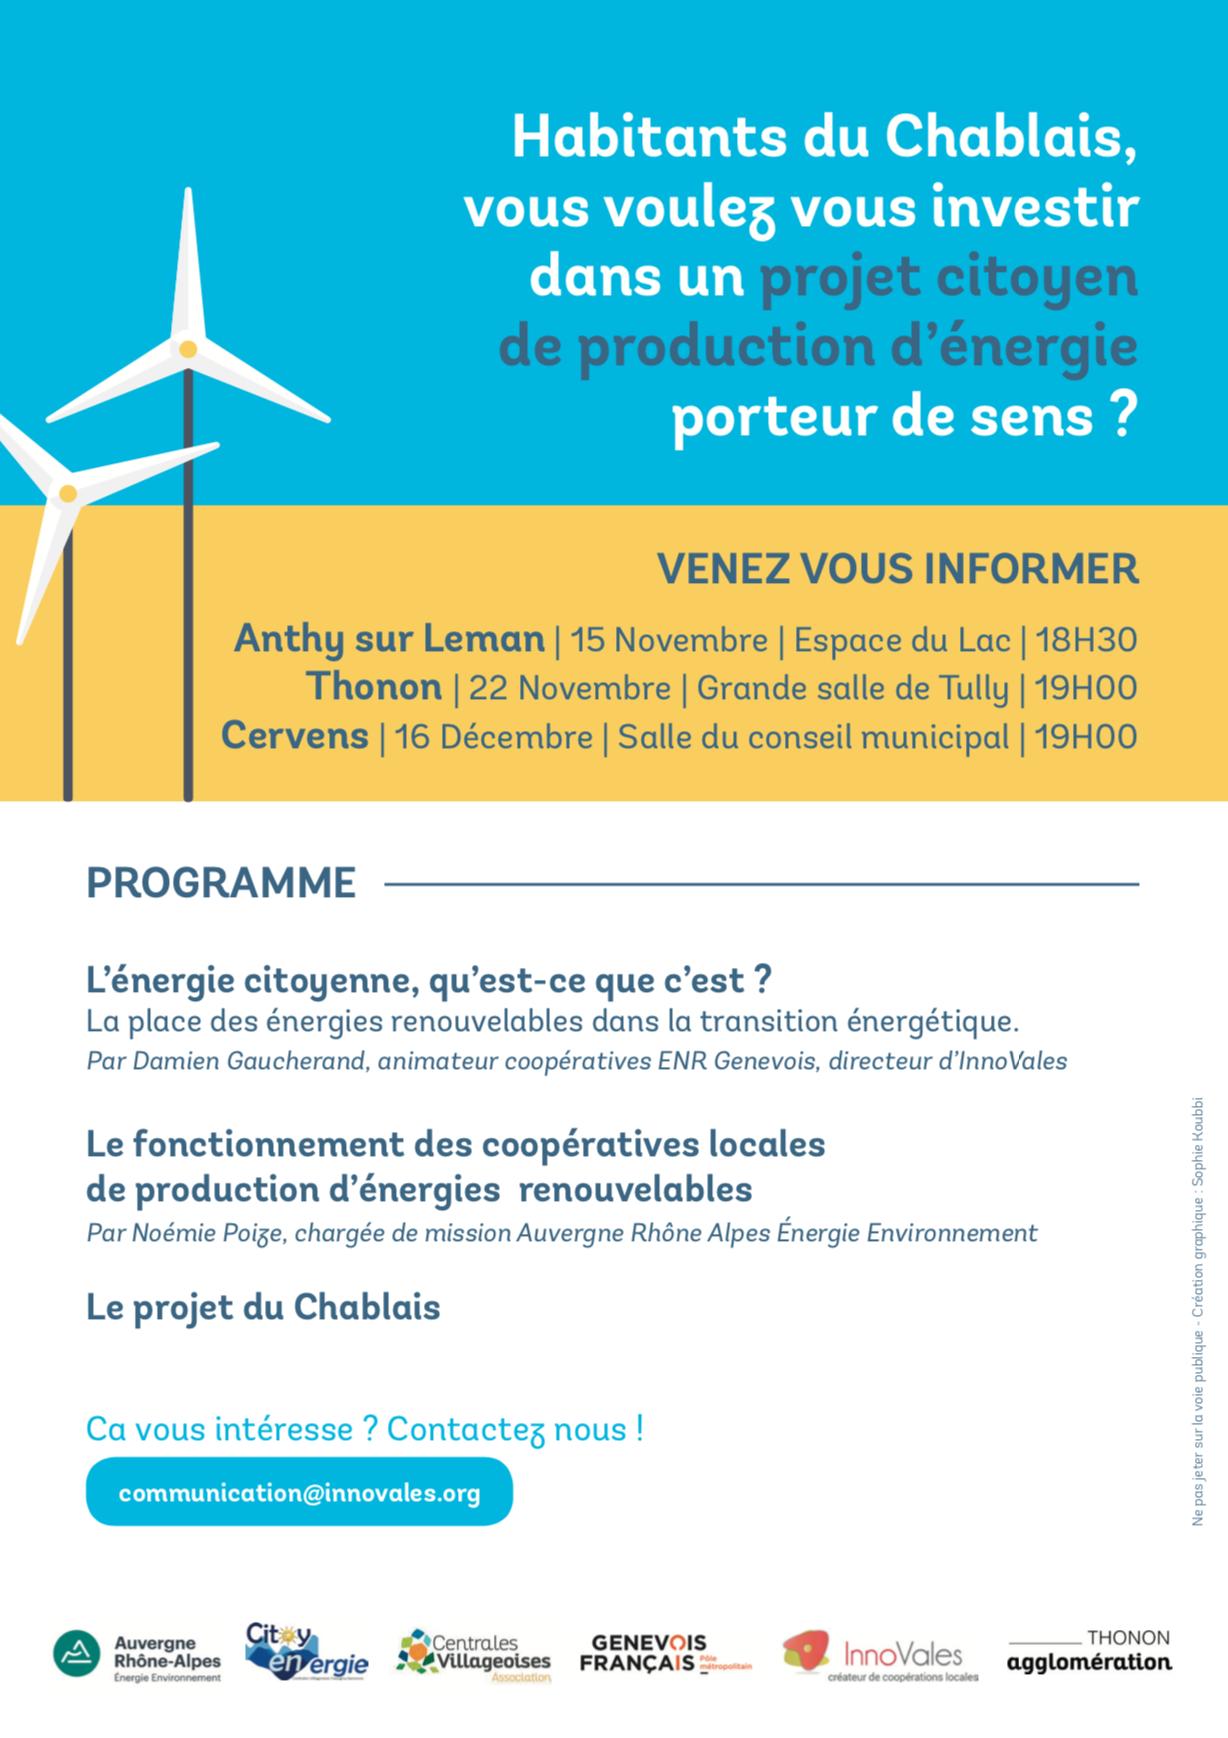 Capture decran 2019 10 18 a 08.44.09 - Lancement d'un projet de coopérative citoyenne de production d'énergie renouvelable dans le Chablais !